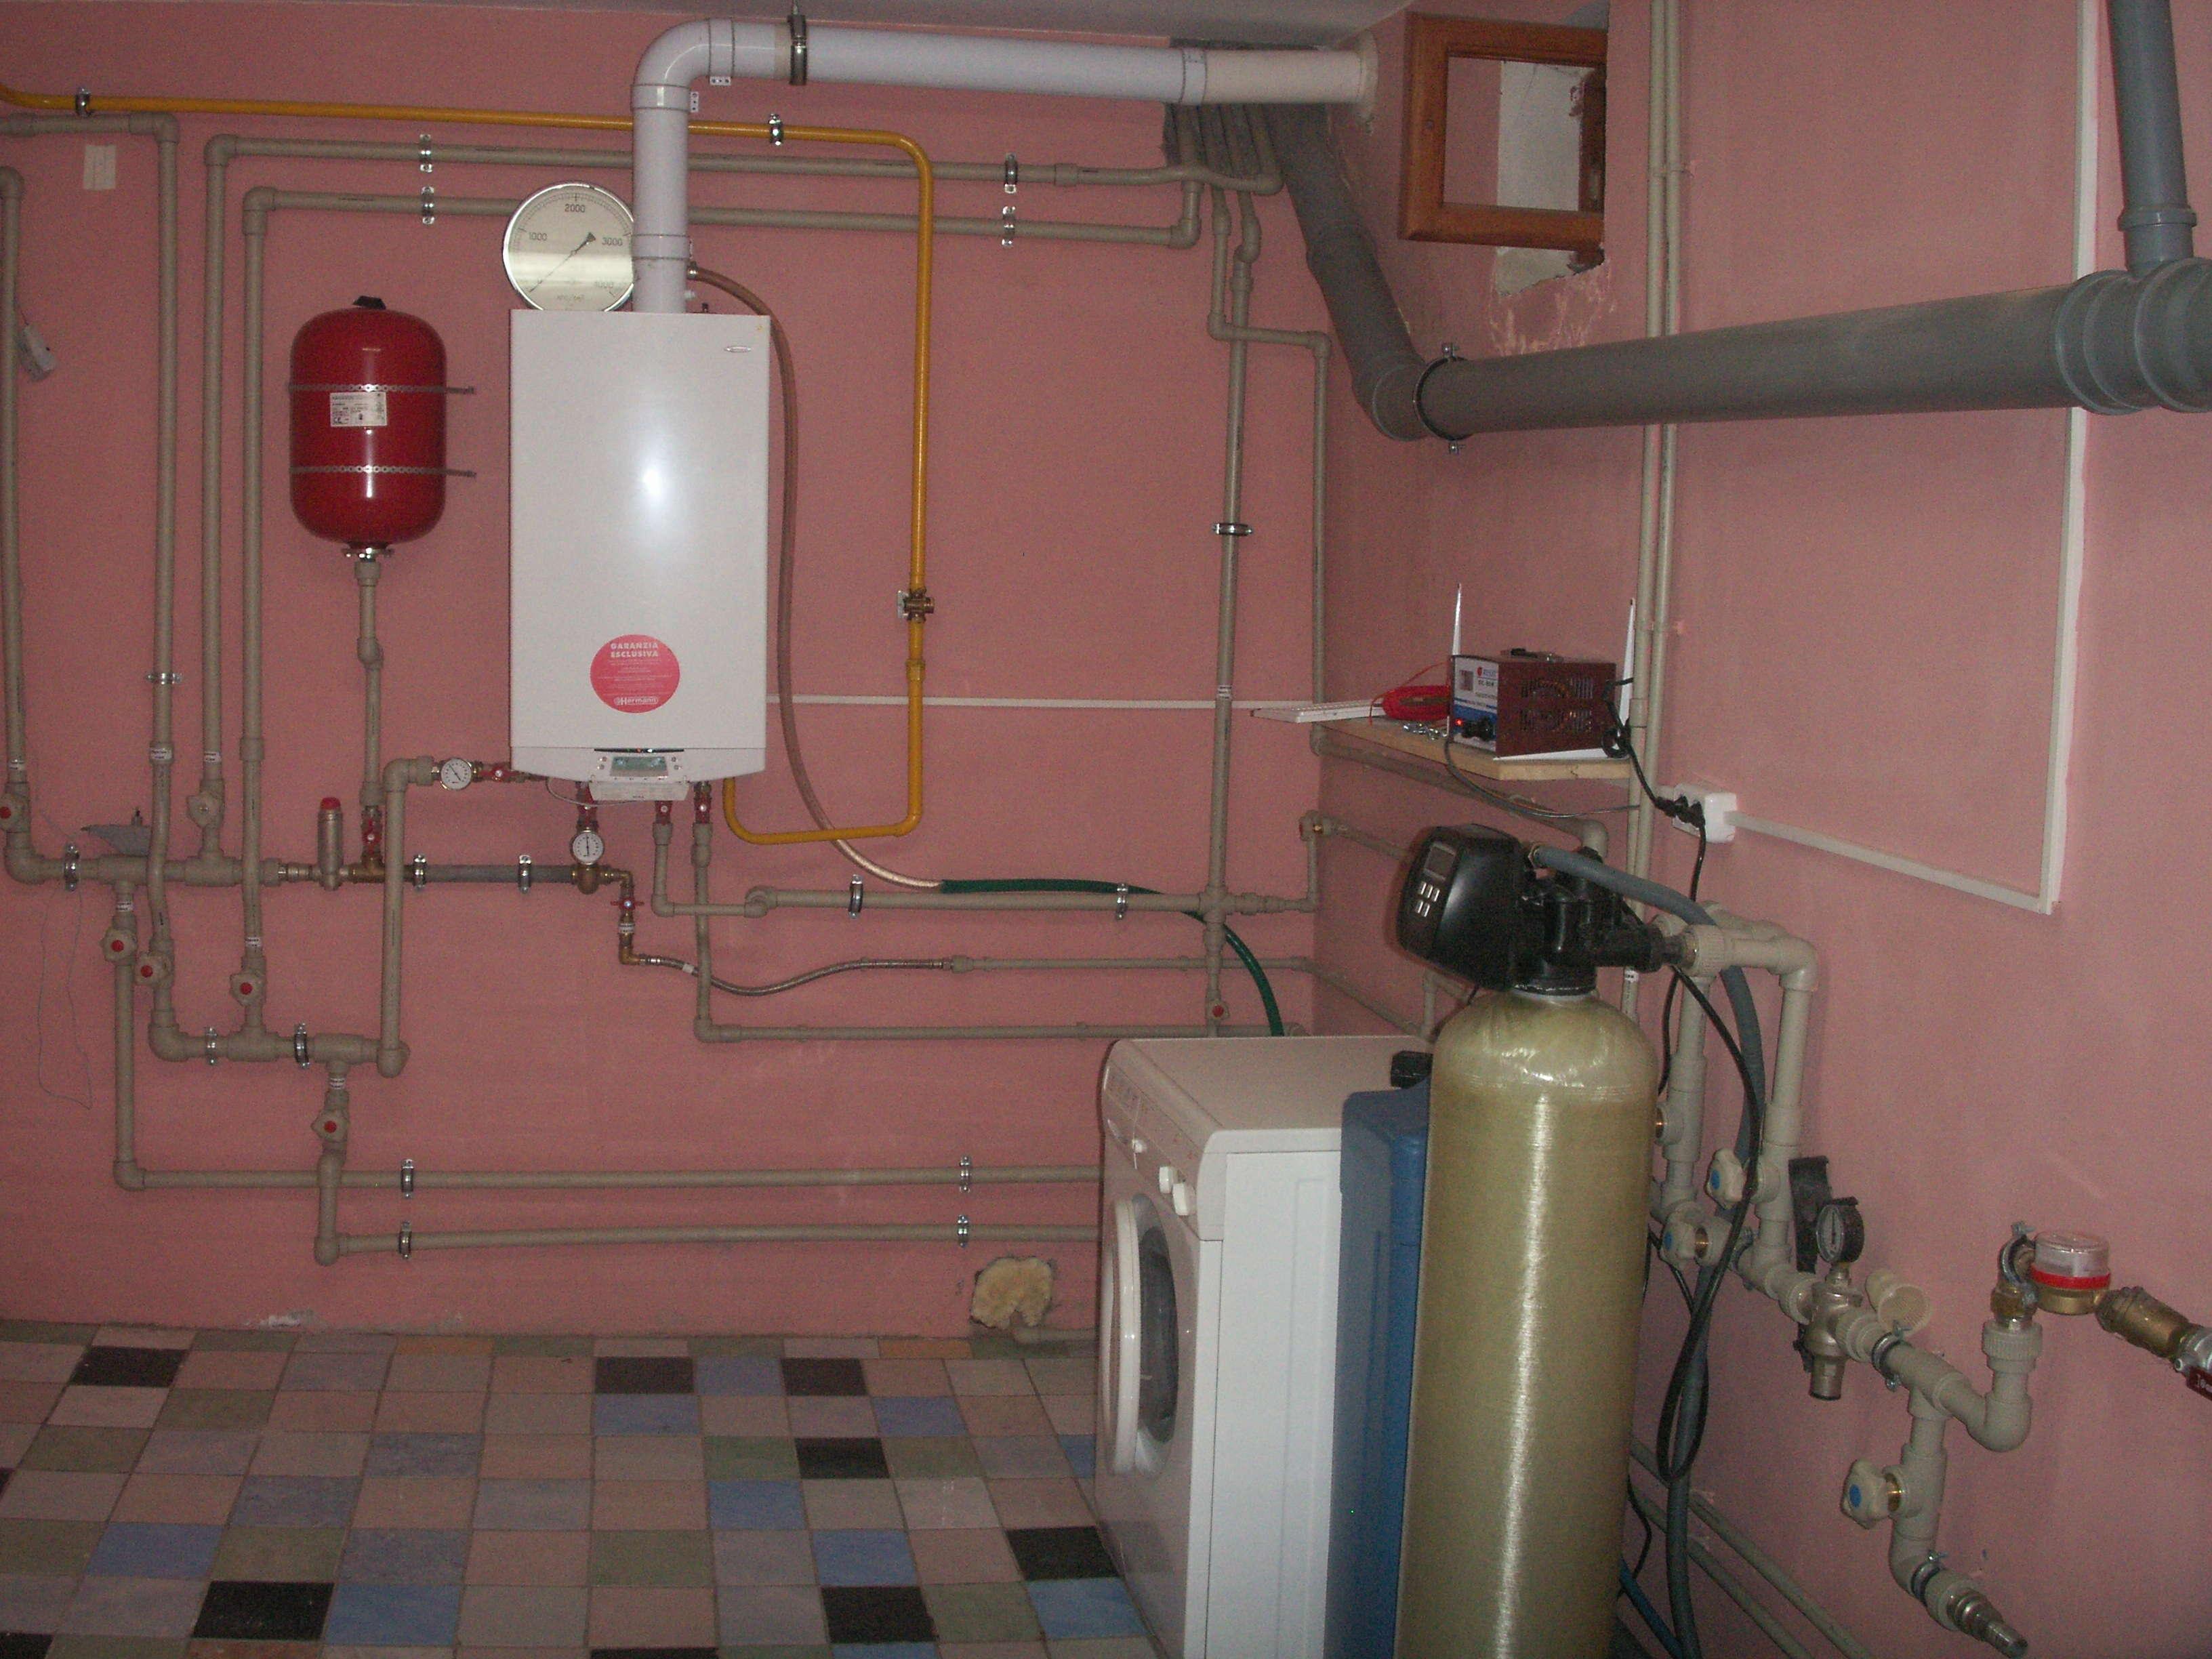 Как скрыть газовую трубу на кухне фото - 32229